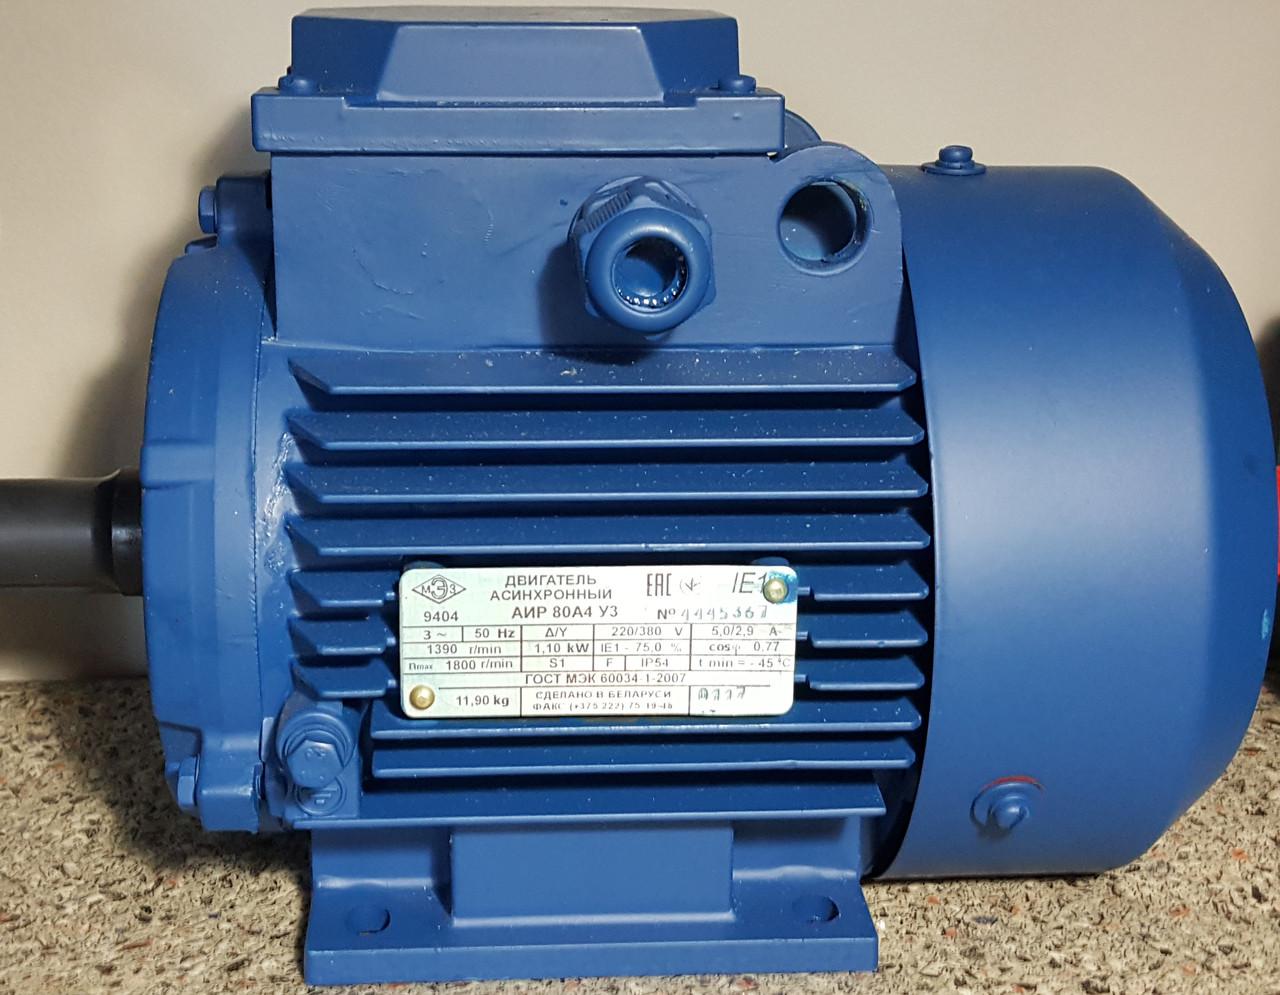 Электродвигатель трехфазный АИР80В2 (2,2кВт/3000об/мин) 380В, 220/380В